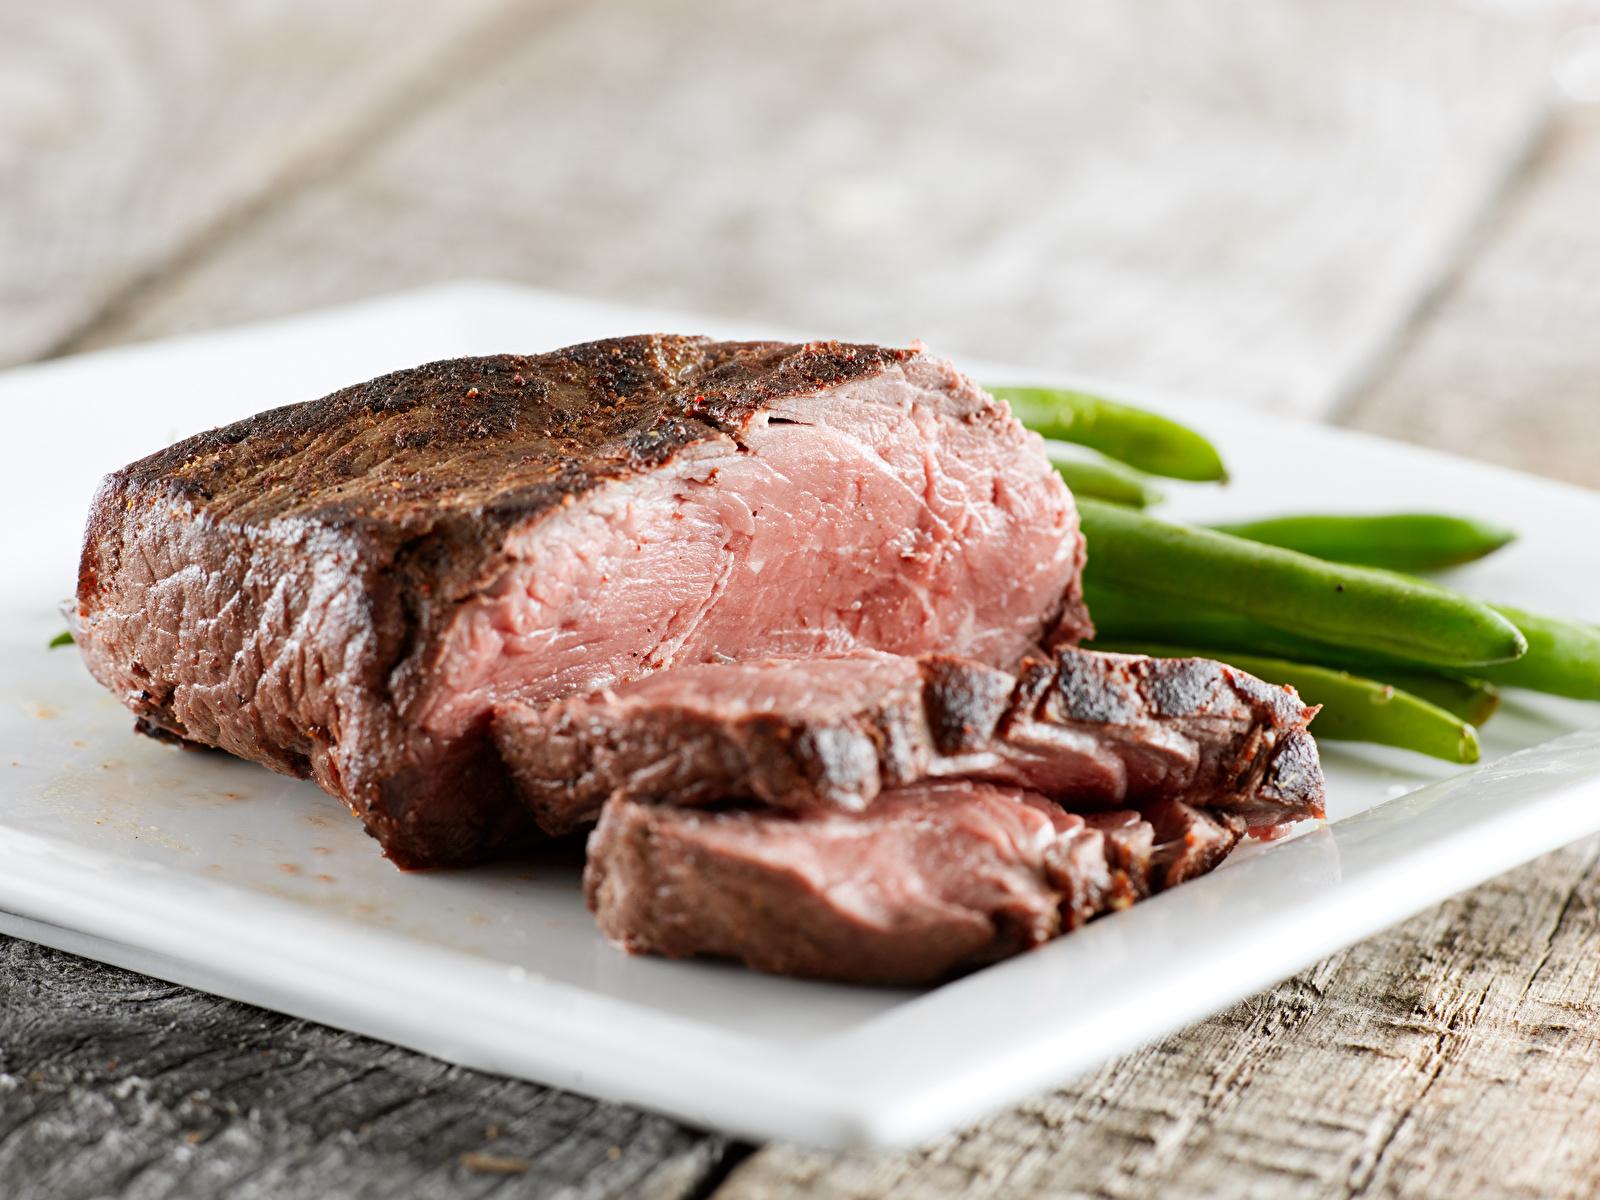 Обои для рабочего стола Ветчина Продукты питания Мясные продукты 1600x1200 Еда Пища